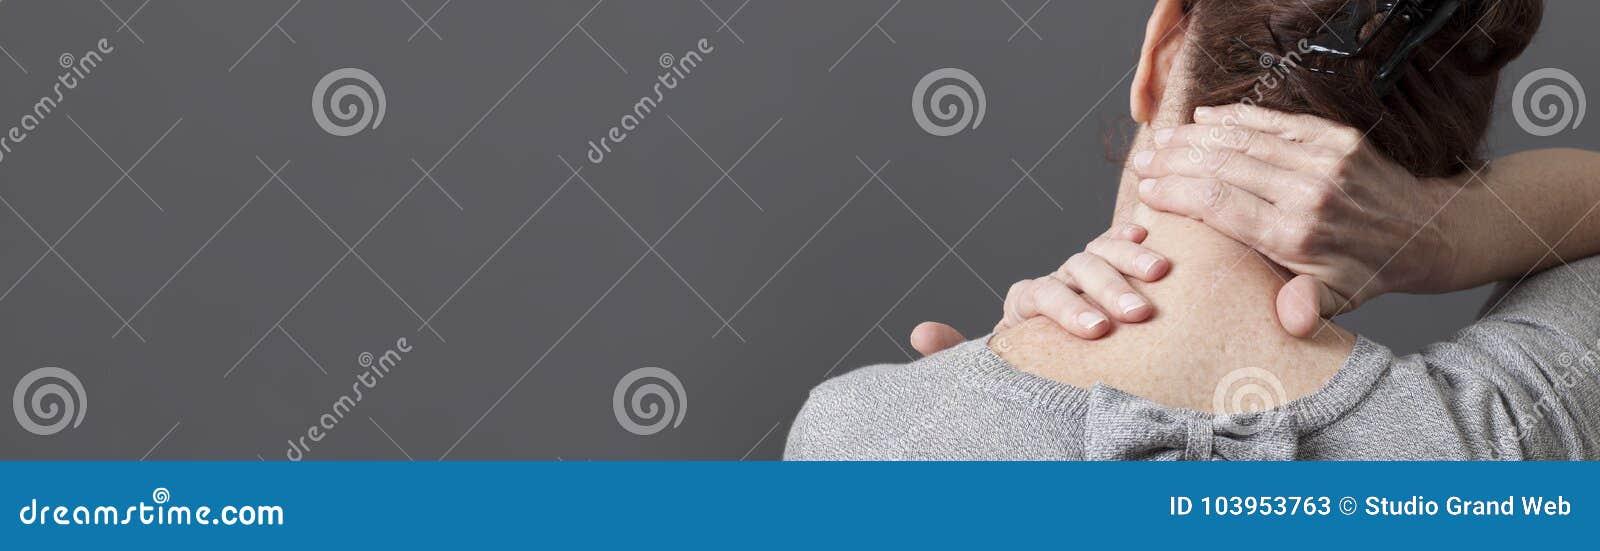 Själv-acupressure för den avslappnande skuldran och ryggvärken, grå lång panorama